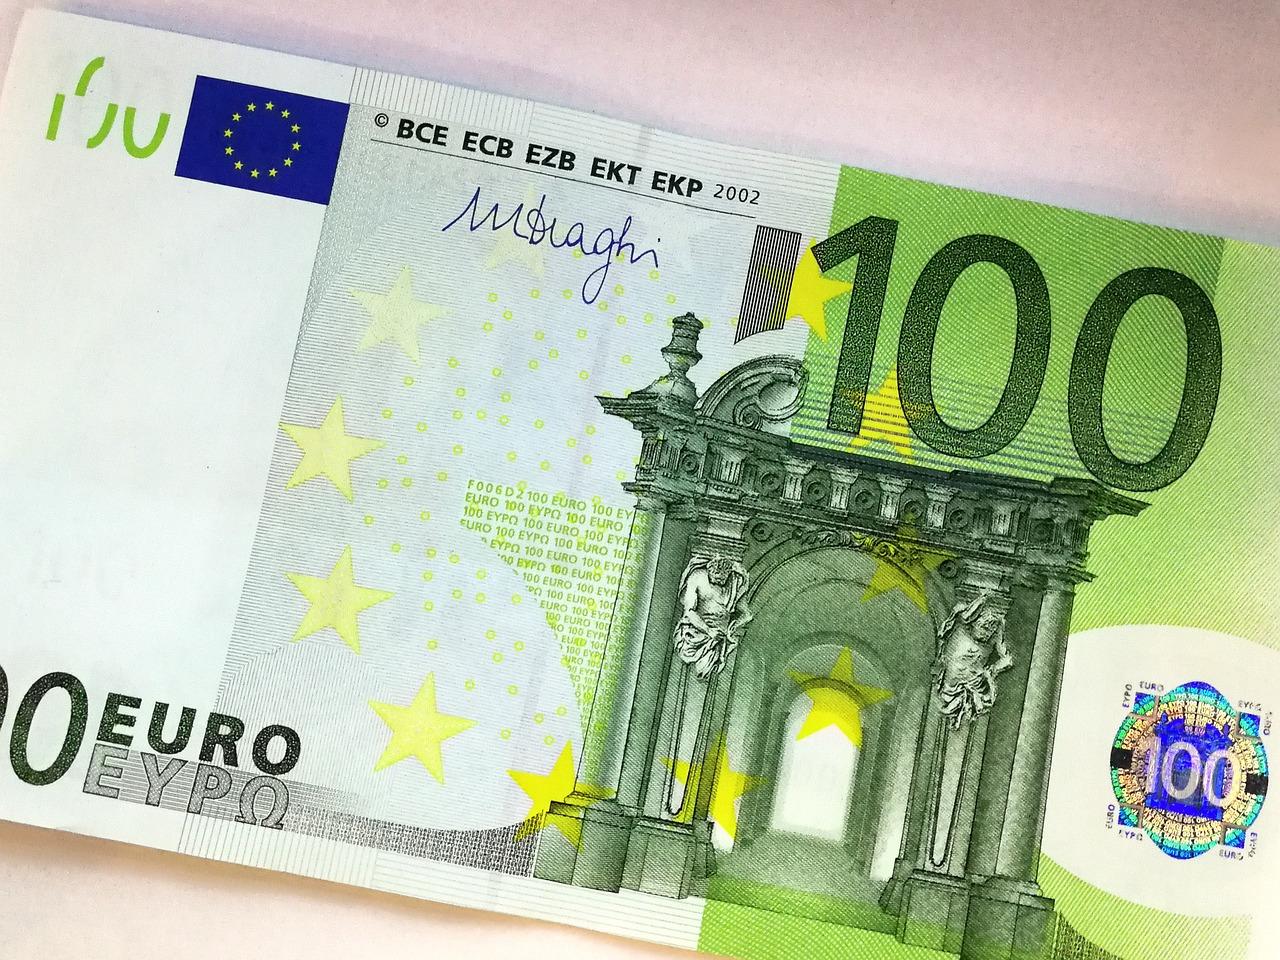 Competenze finanziarie, emissione di assegni e pagamento di fatture, come potete assicurarvi di scegliere i prodotti finanziari giusti?